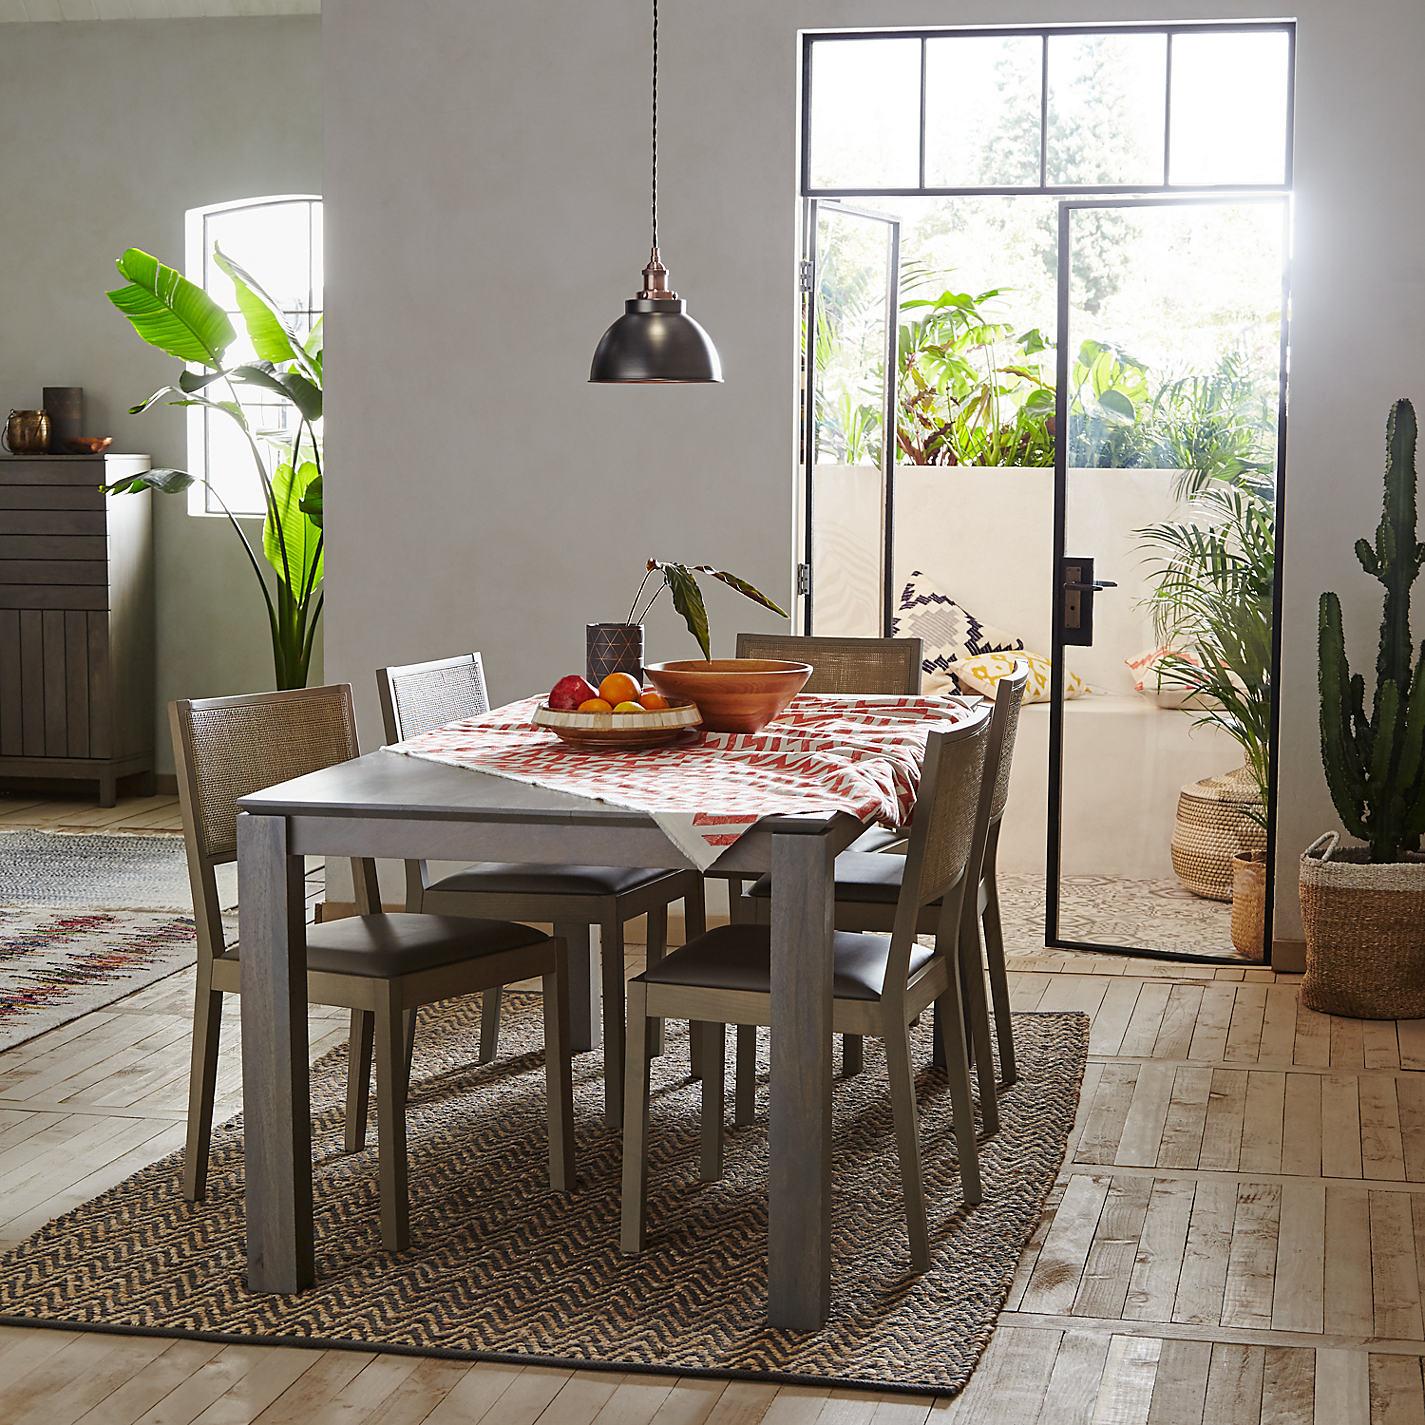 Buy John Lewis Asha Living and Dining Room Furniture Range | John ...